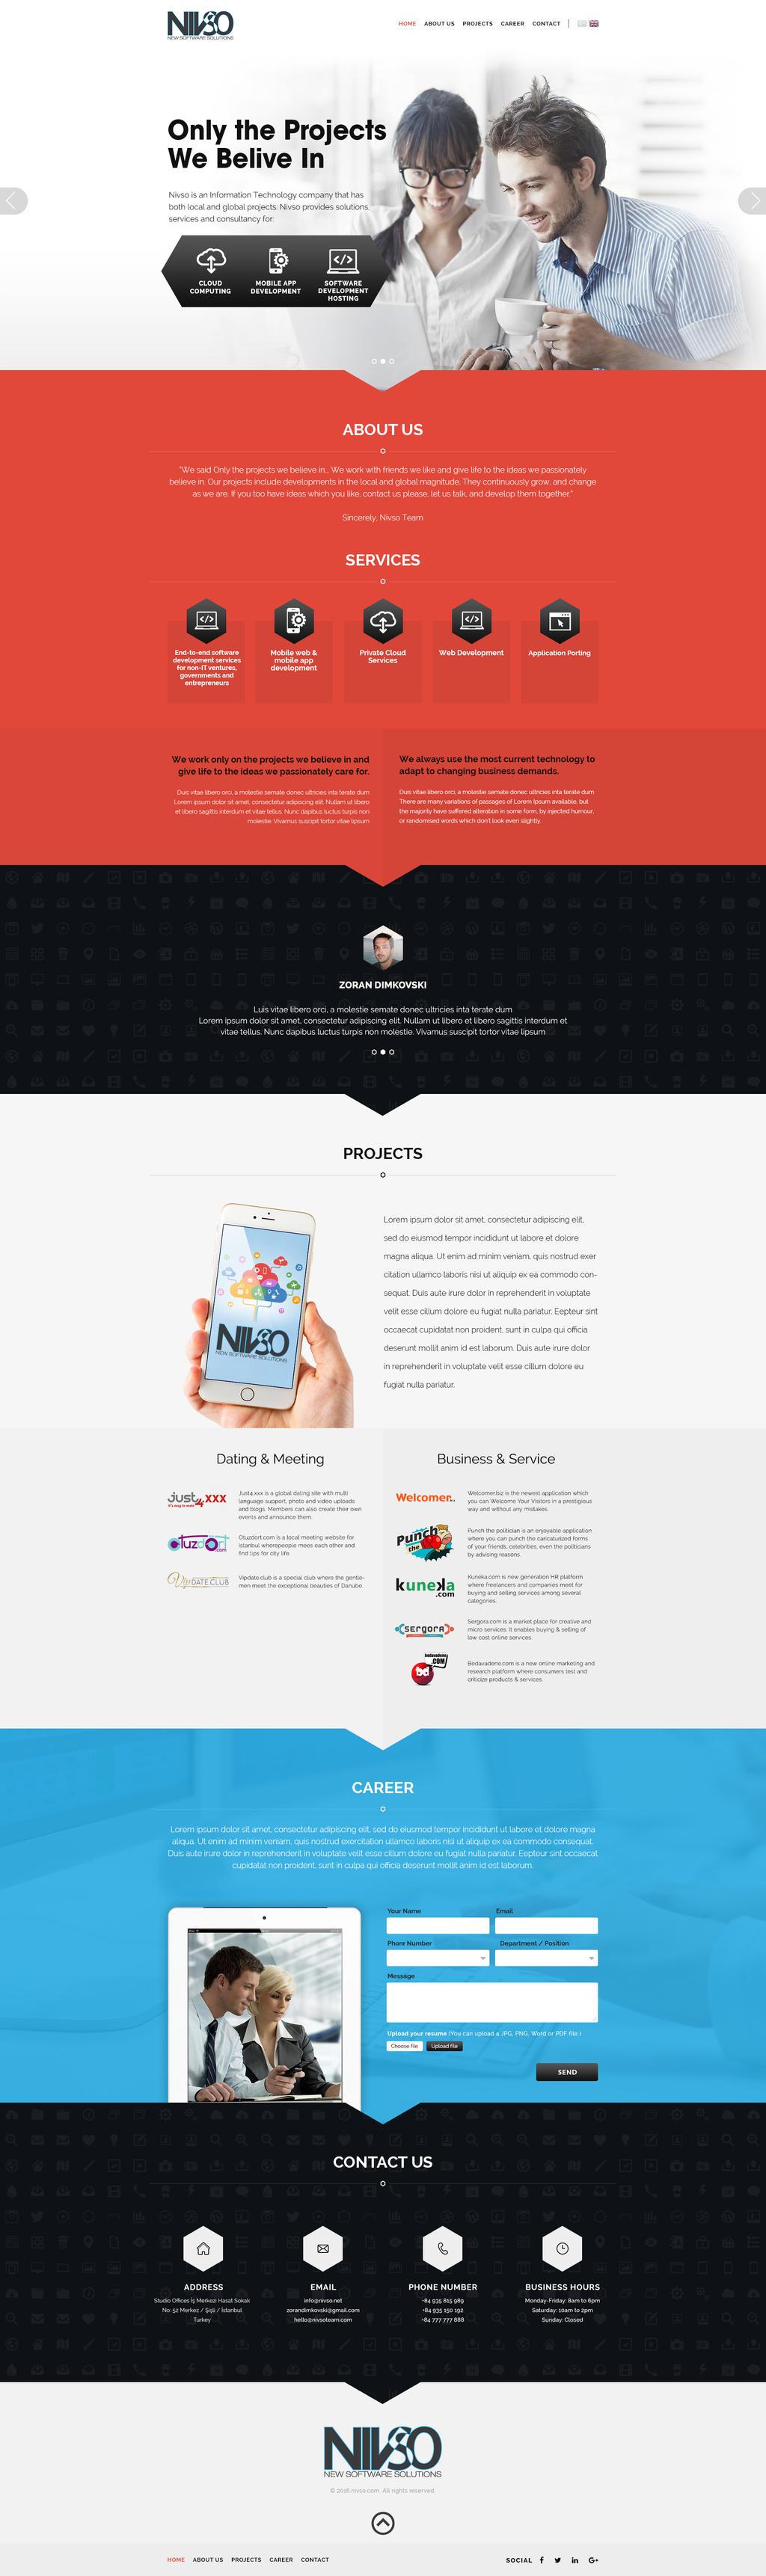 Nivso Homepage by zokac1